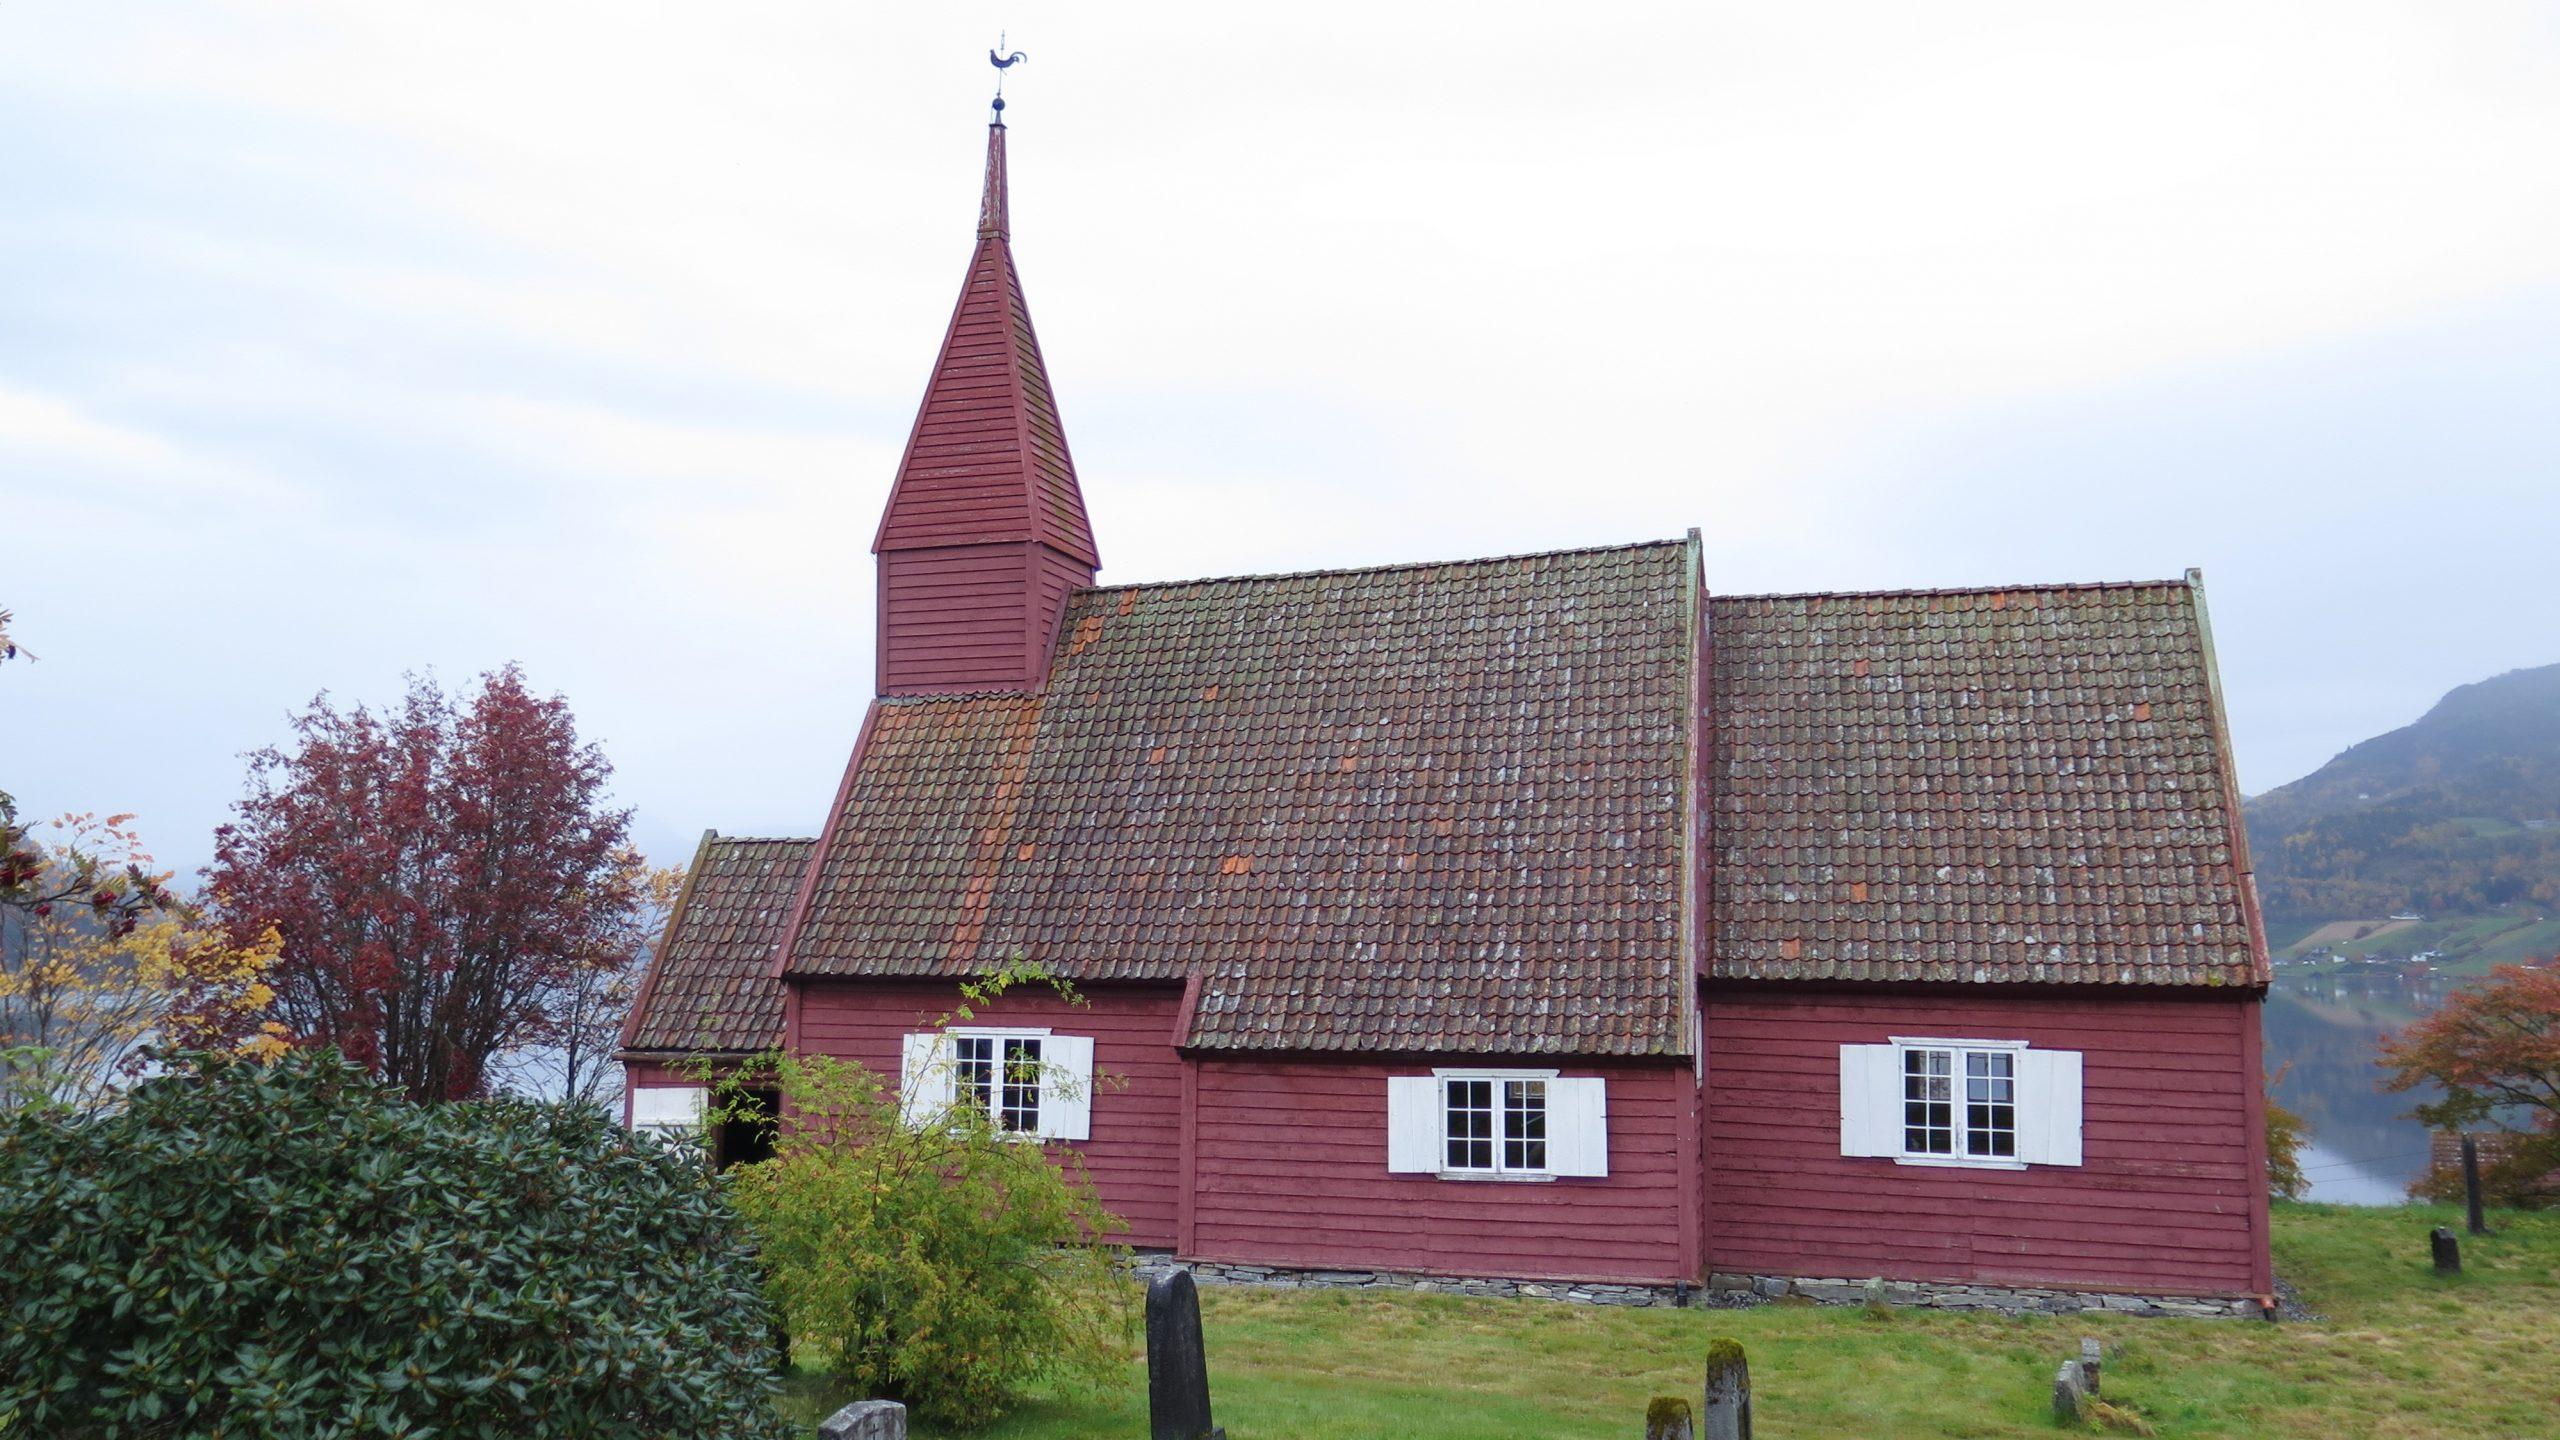 Bilde av Gimmestad kirke i Sogn og Fjordane, som er en av kirkene som har fått tilskudd. Fotograf er Ingeborg Magerøy